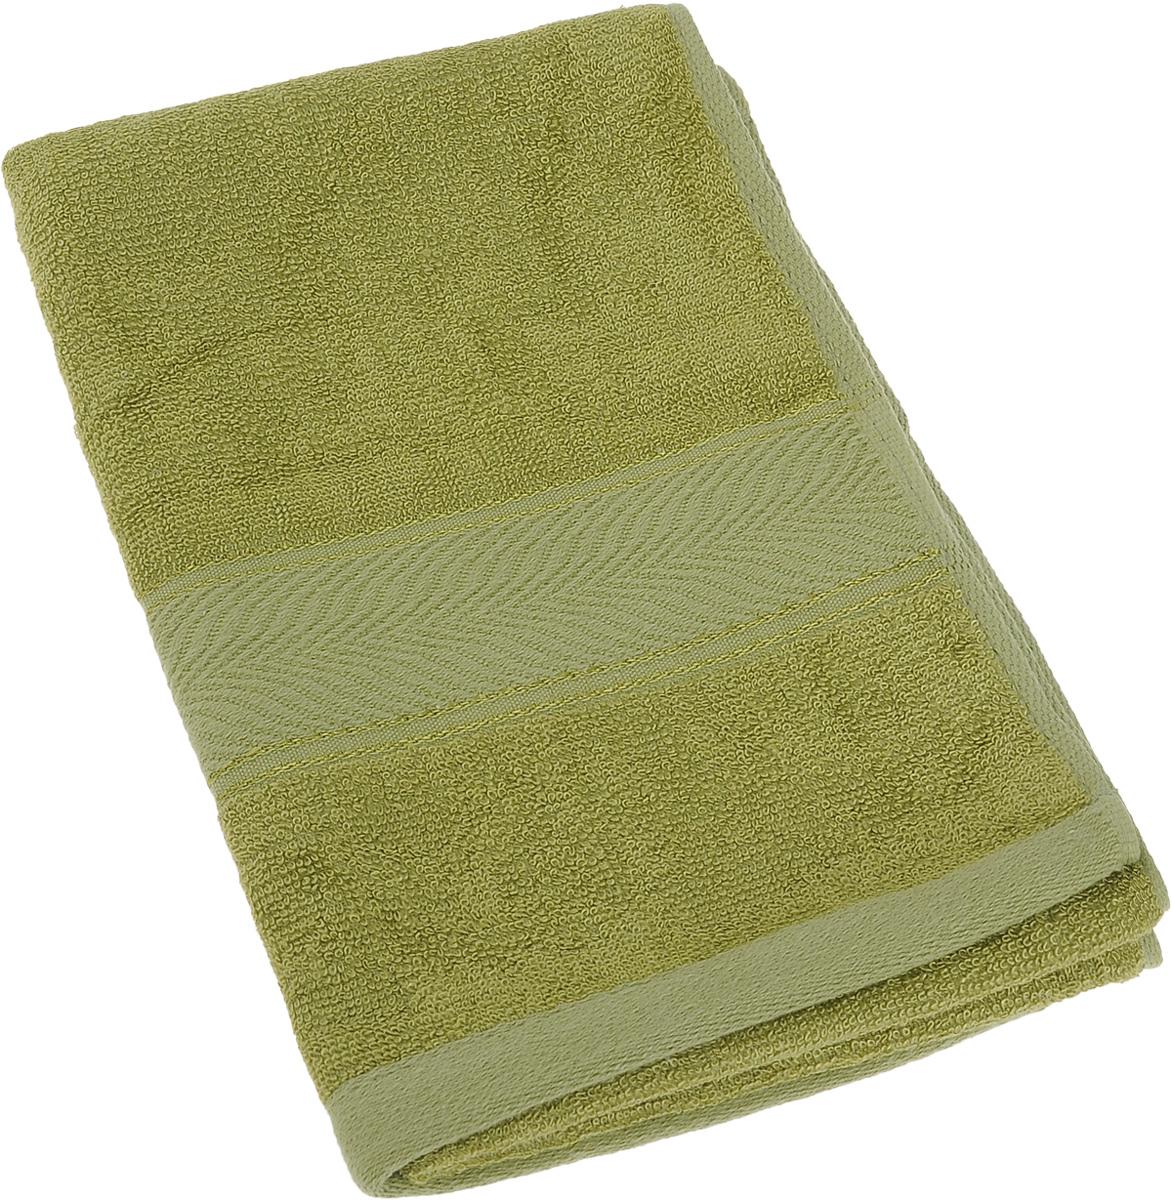 Полотенце Soavita Stefano, цвет: зеленый, 30 х 70 смES-412Полотенце Soavita Stefano выполнено из 100% бамбукового волокна. Изделие отлично впитывает влагу, быстро сохнет, сохраняет яркость цвета и не теряет форму даже после многократных стирок.Полотенце очень практично и неприхотливо в уходе. Оно создаст прекрасное настроение и украсит интерьер в ванной комнате.